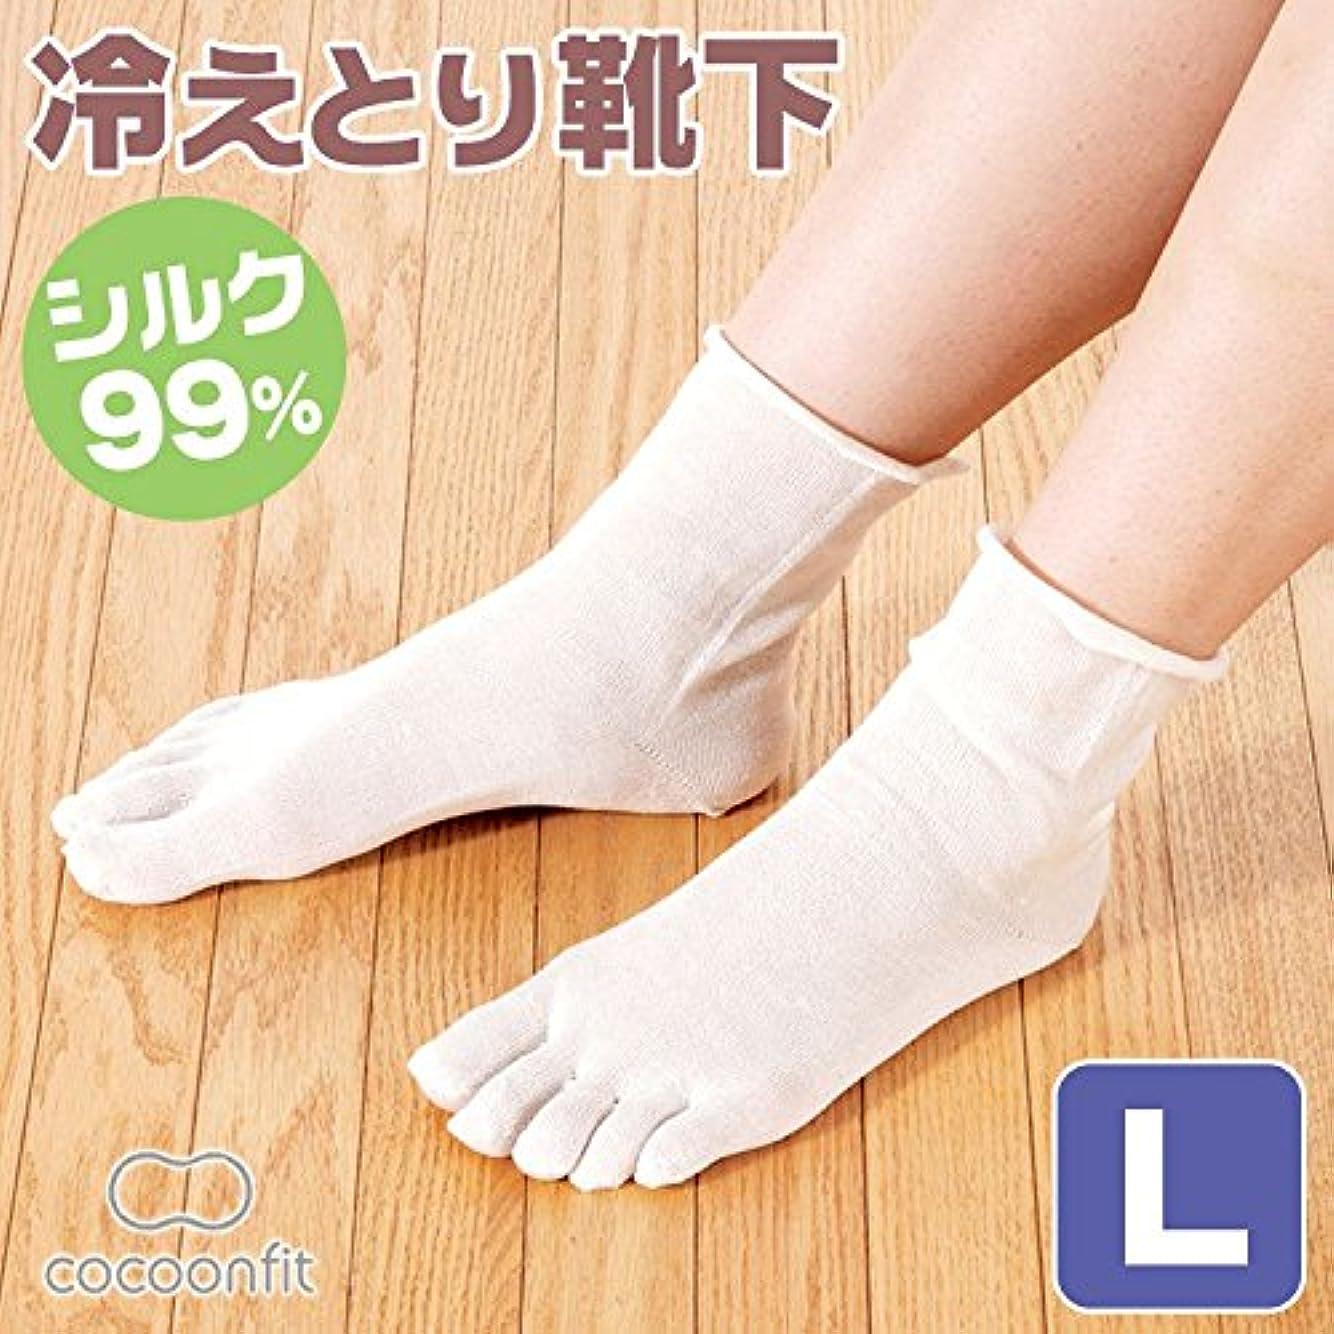 収まるシリーズハック冷え取り靴下 5本指ソックス シルク[Lサイズ:25~27cm] ※重ね履き靴下の1枚目のみ cocoonfit